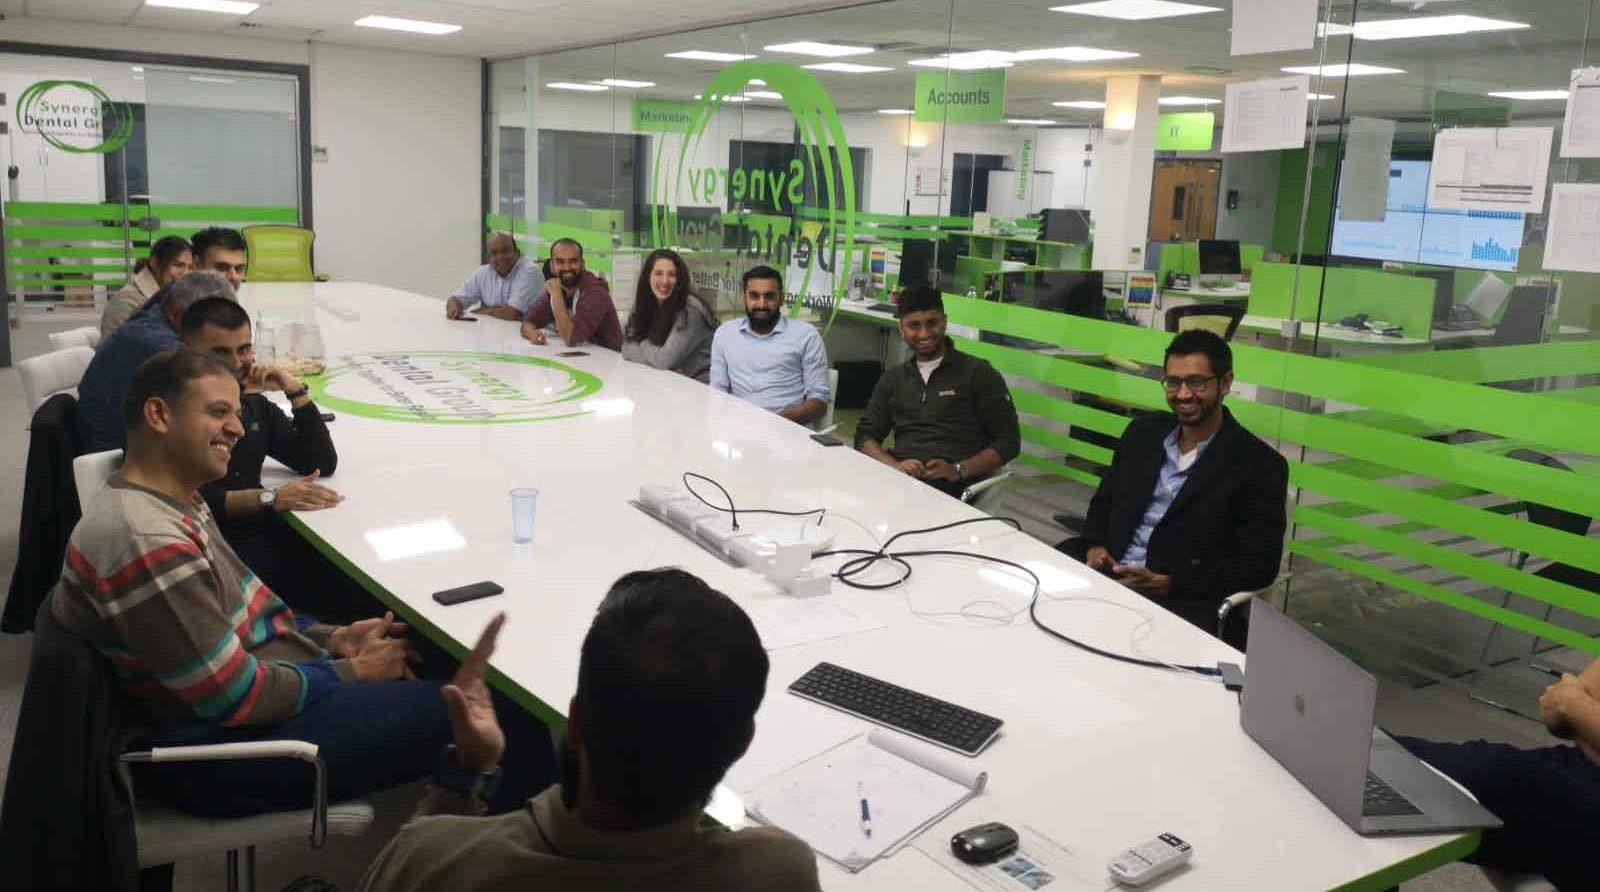 synergy dental group meeting